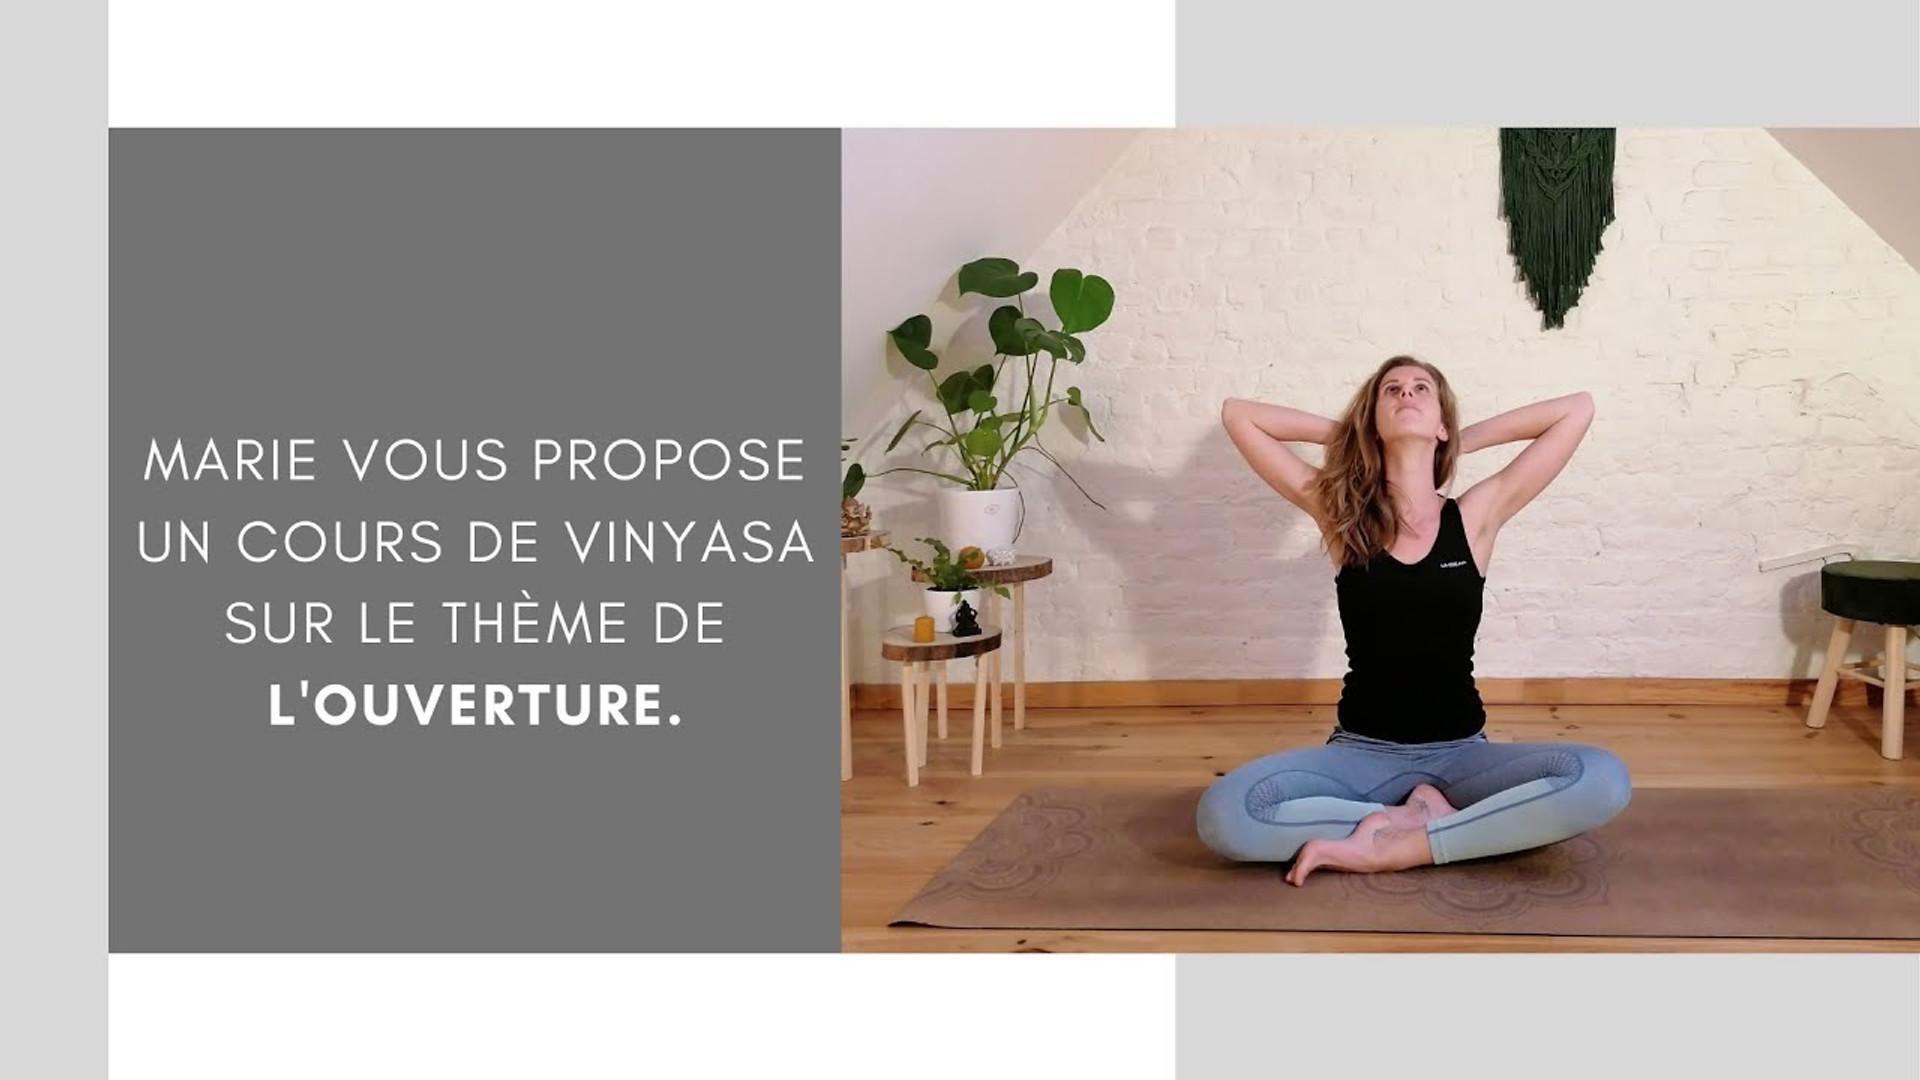 Extrait cours de yoga sur l'ouverture avec Marie